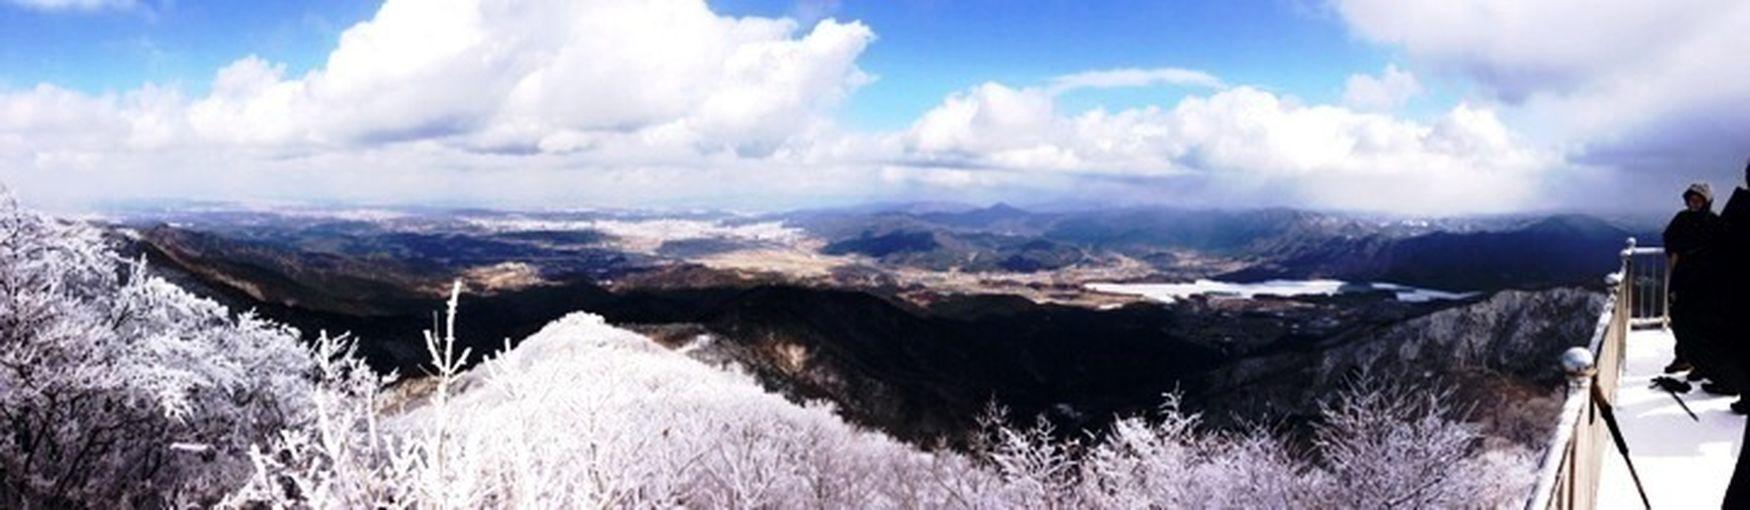 추억돋게~ Moakmountain 정산에서 찍었던 사진 Mountain View The Top Of A Mountain Snow